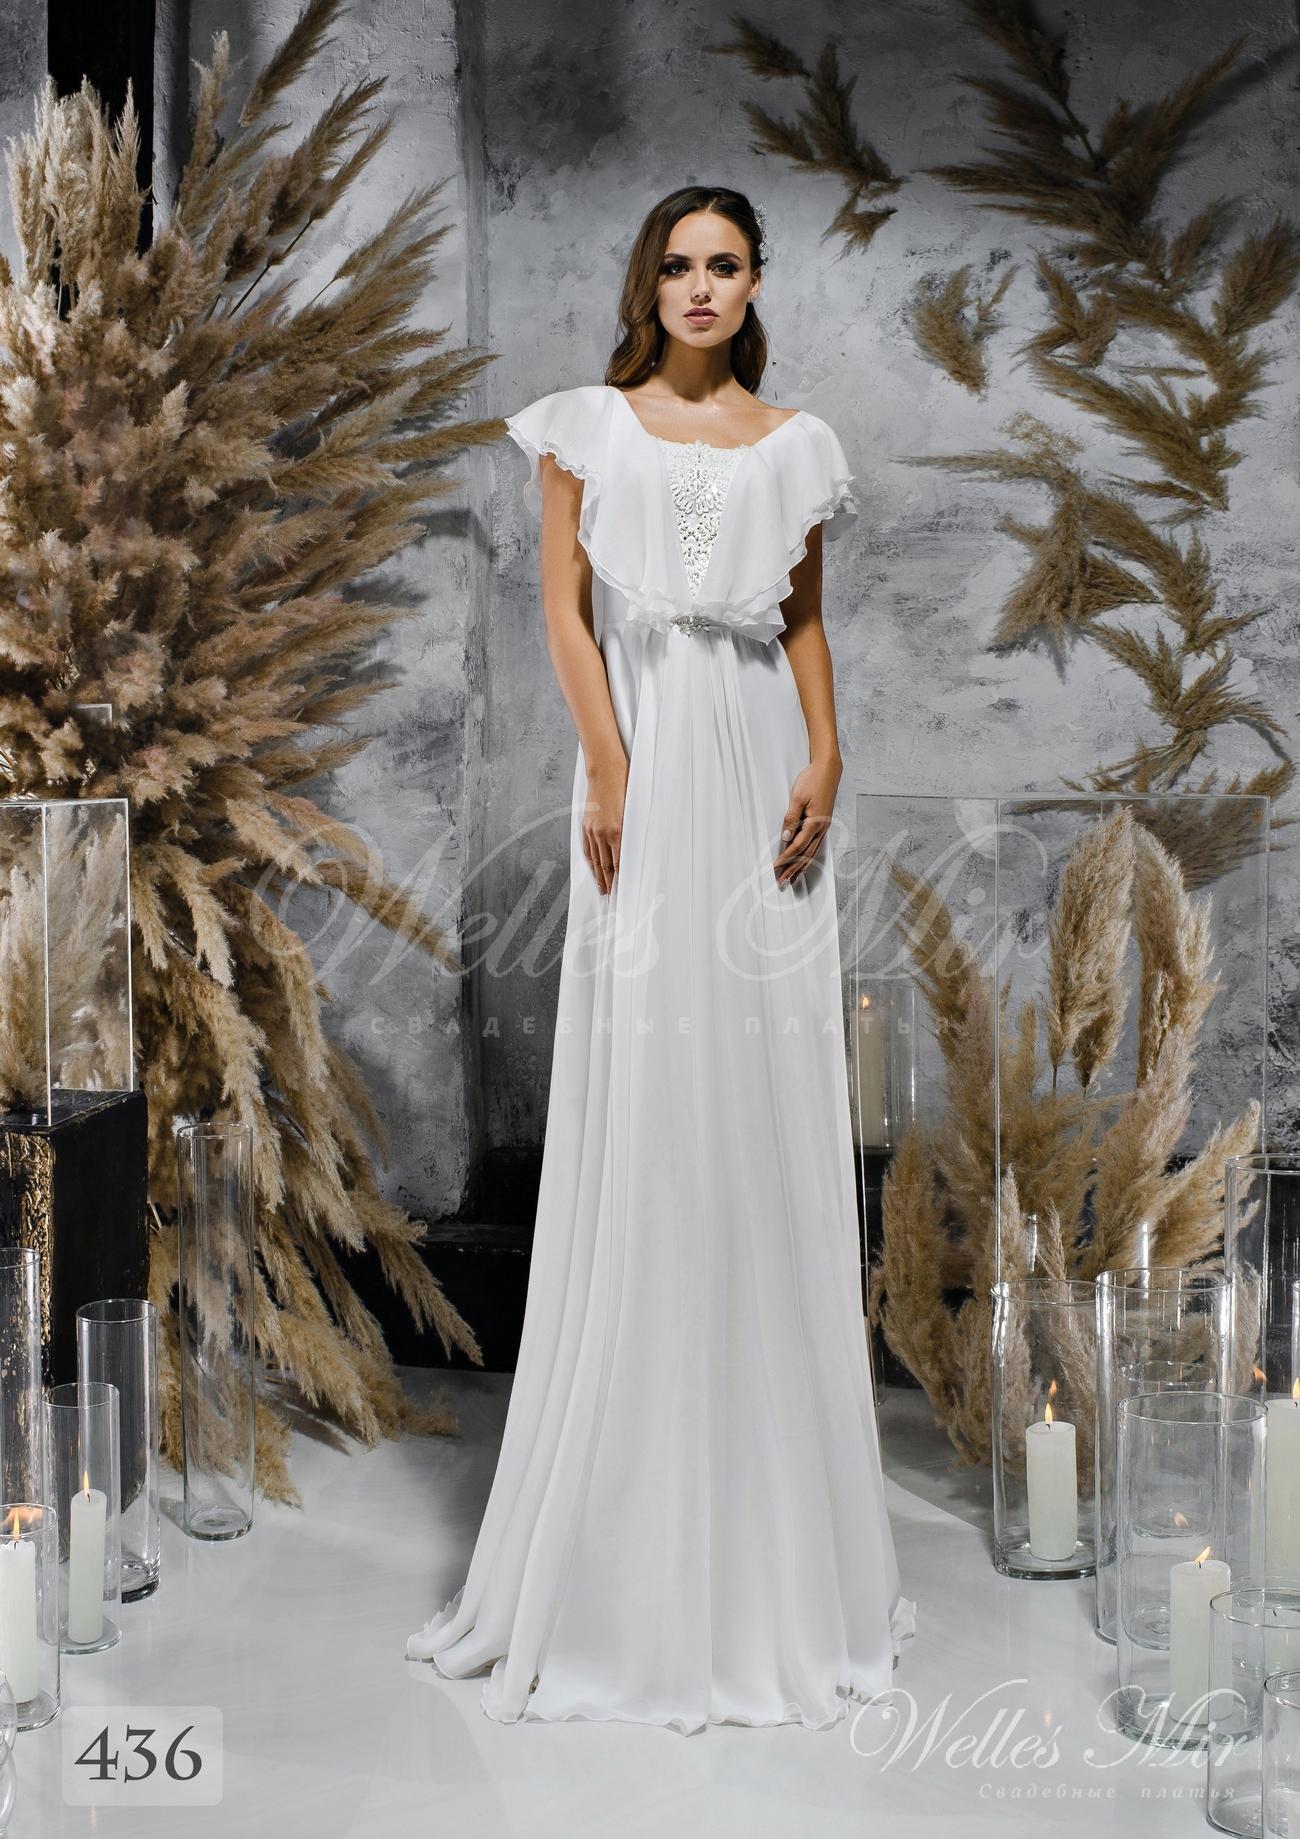 Пряма біла весільна сукня з рукавами-крильцями оптом